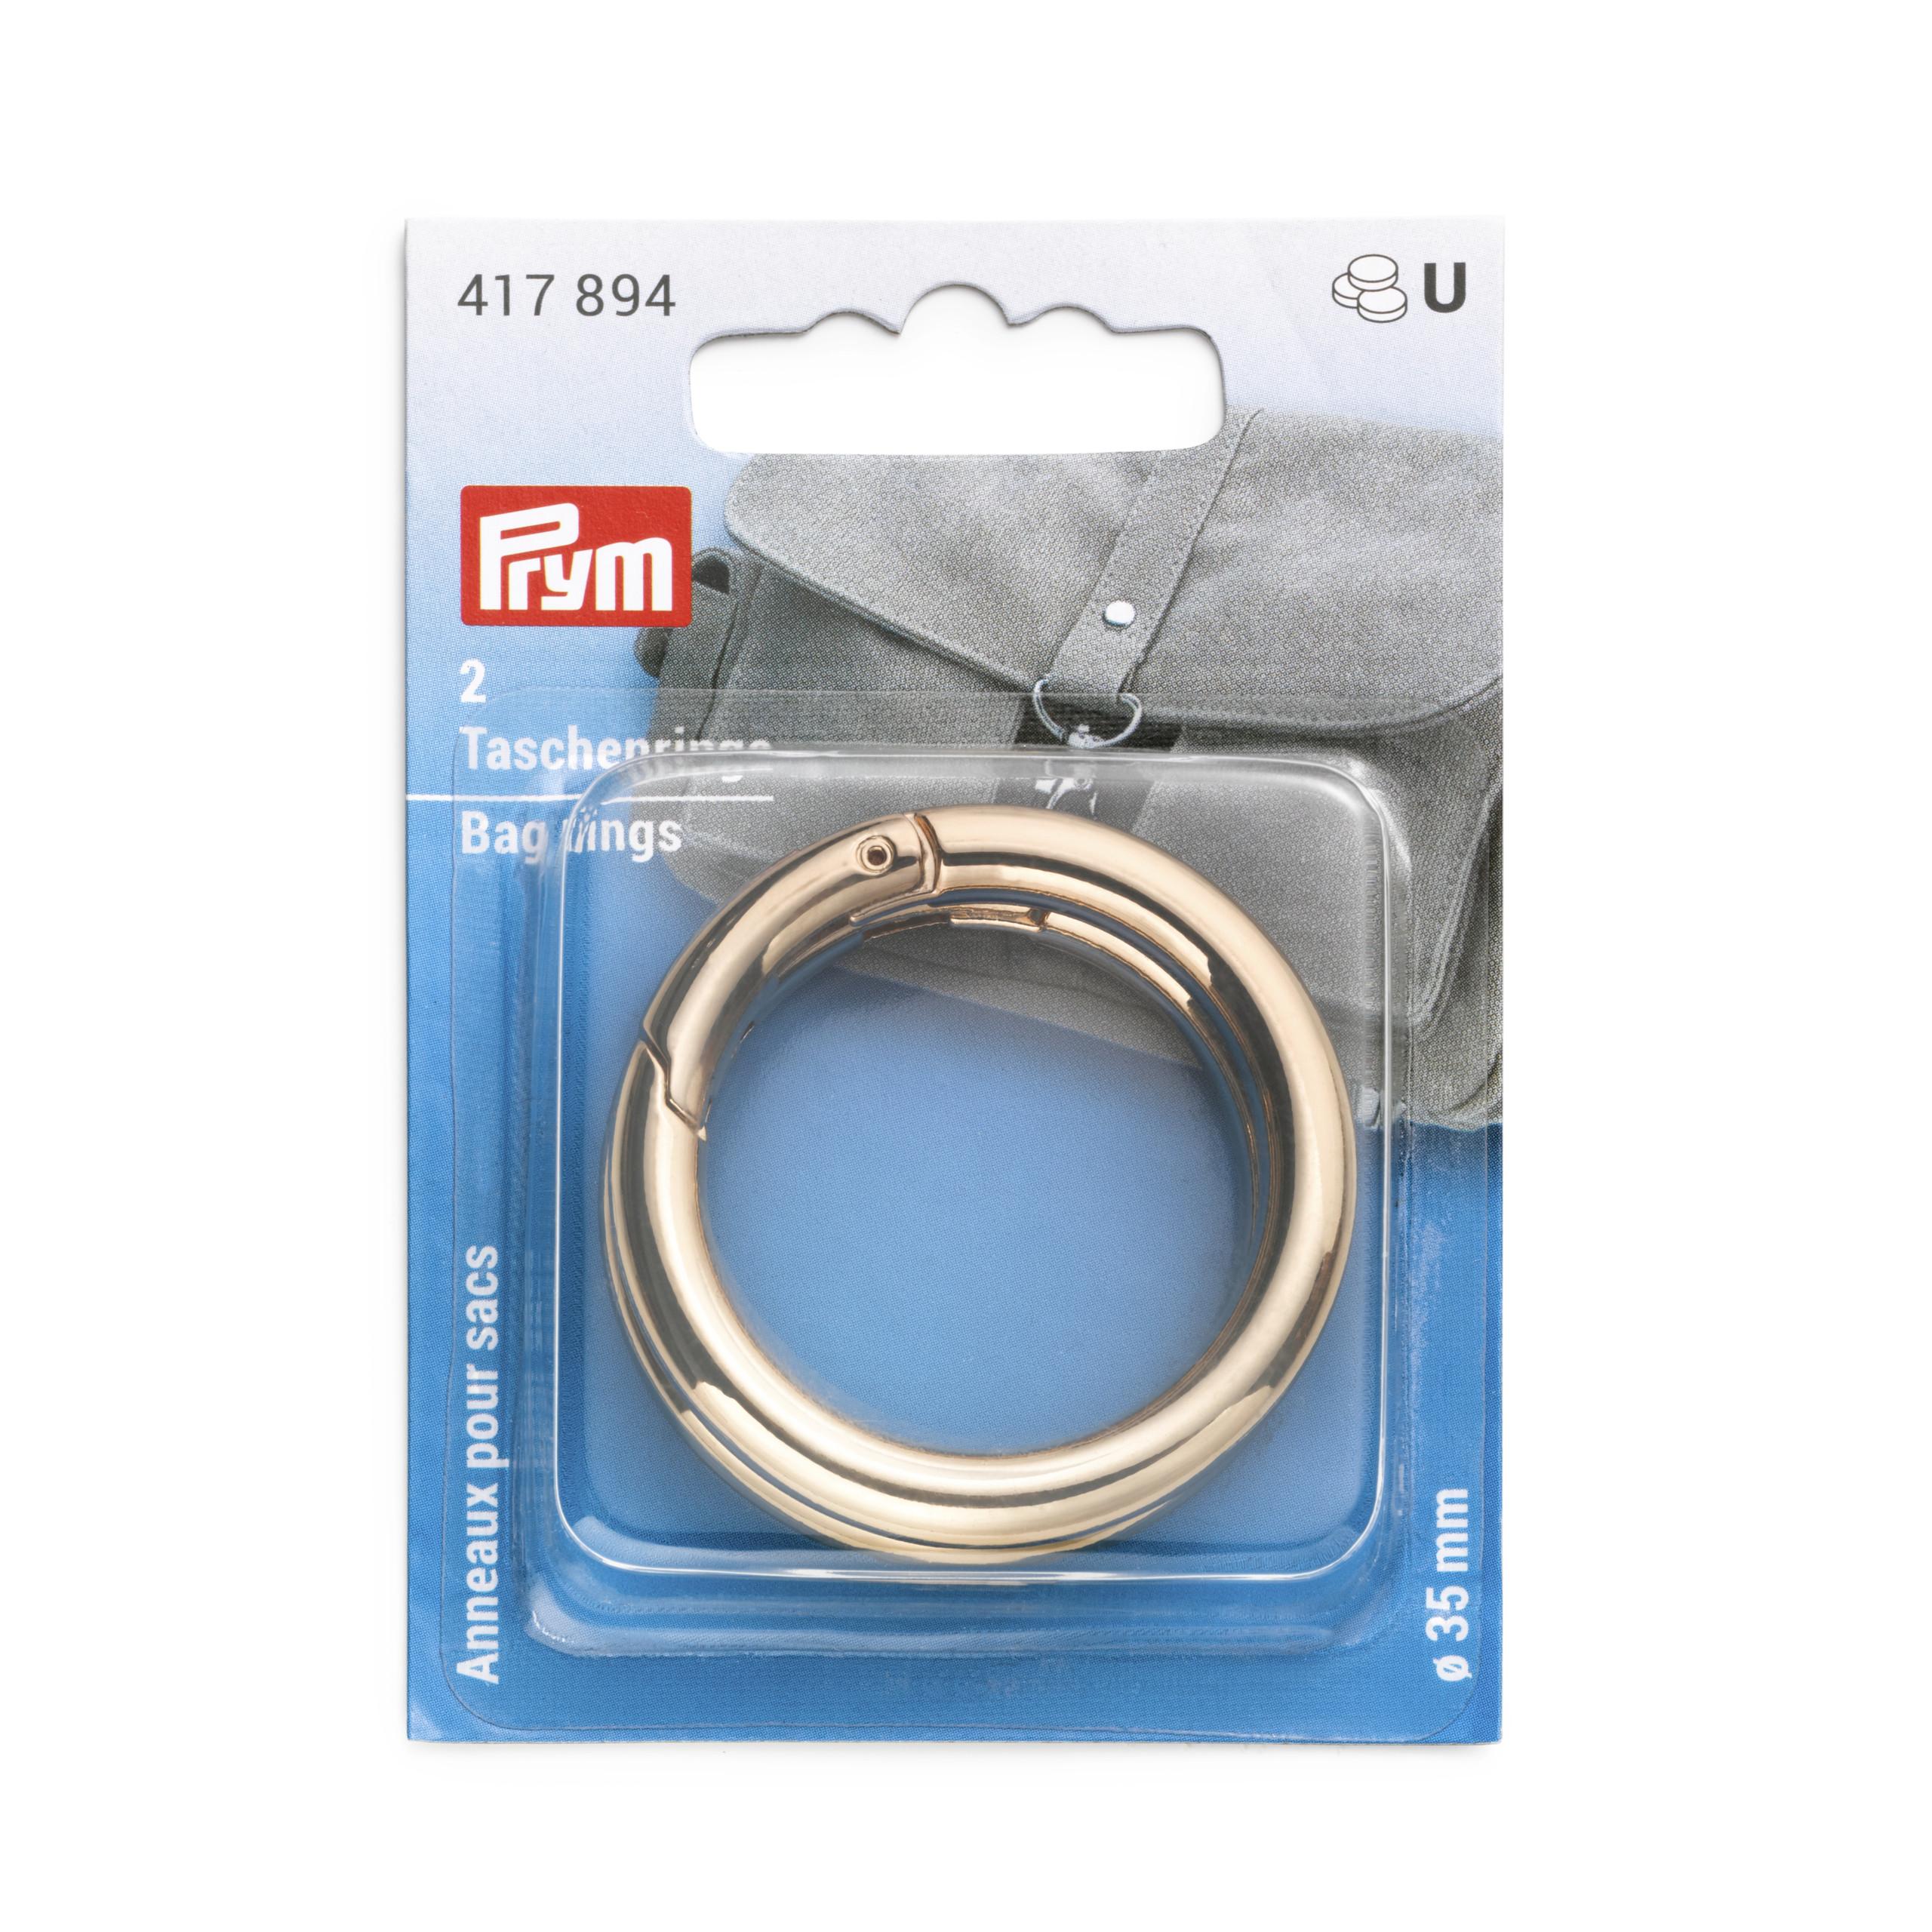 Prym 417894 Taschenringe 35mm